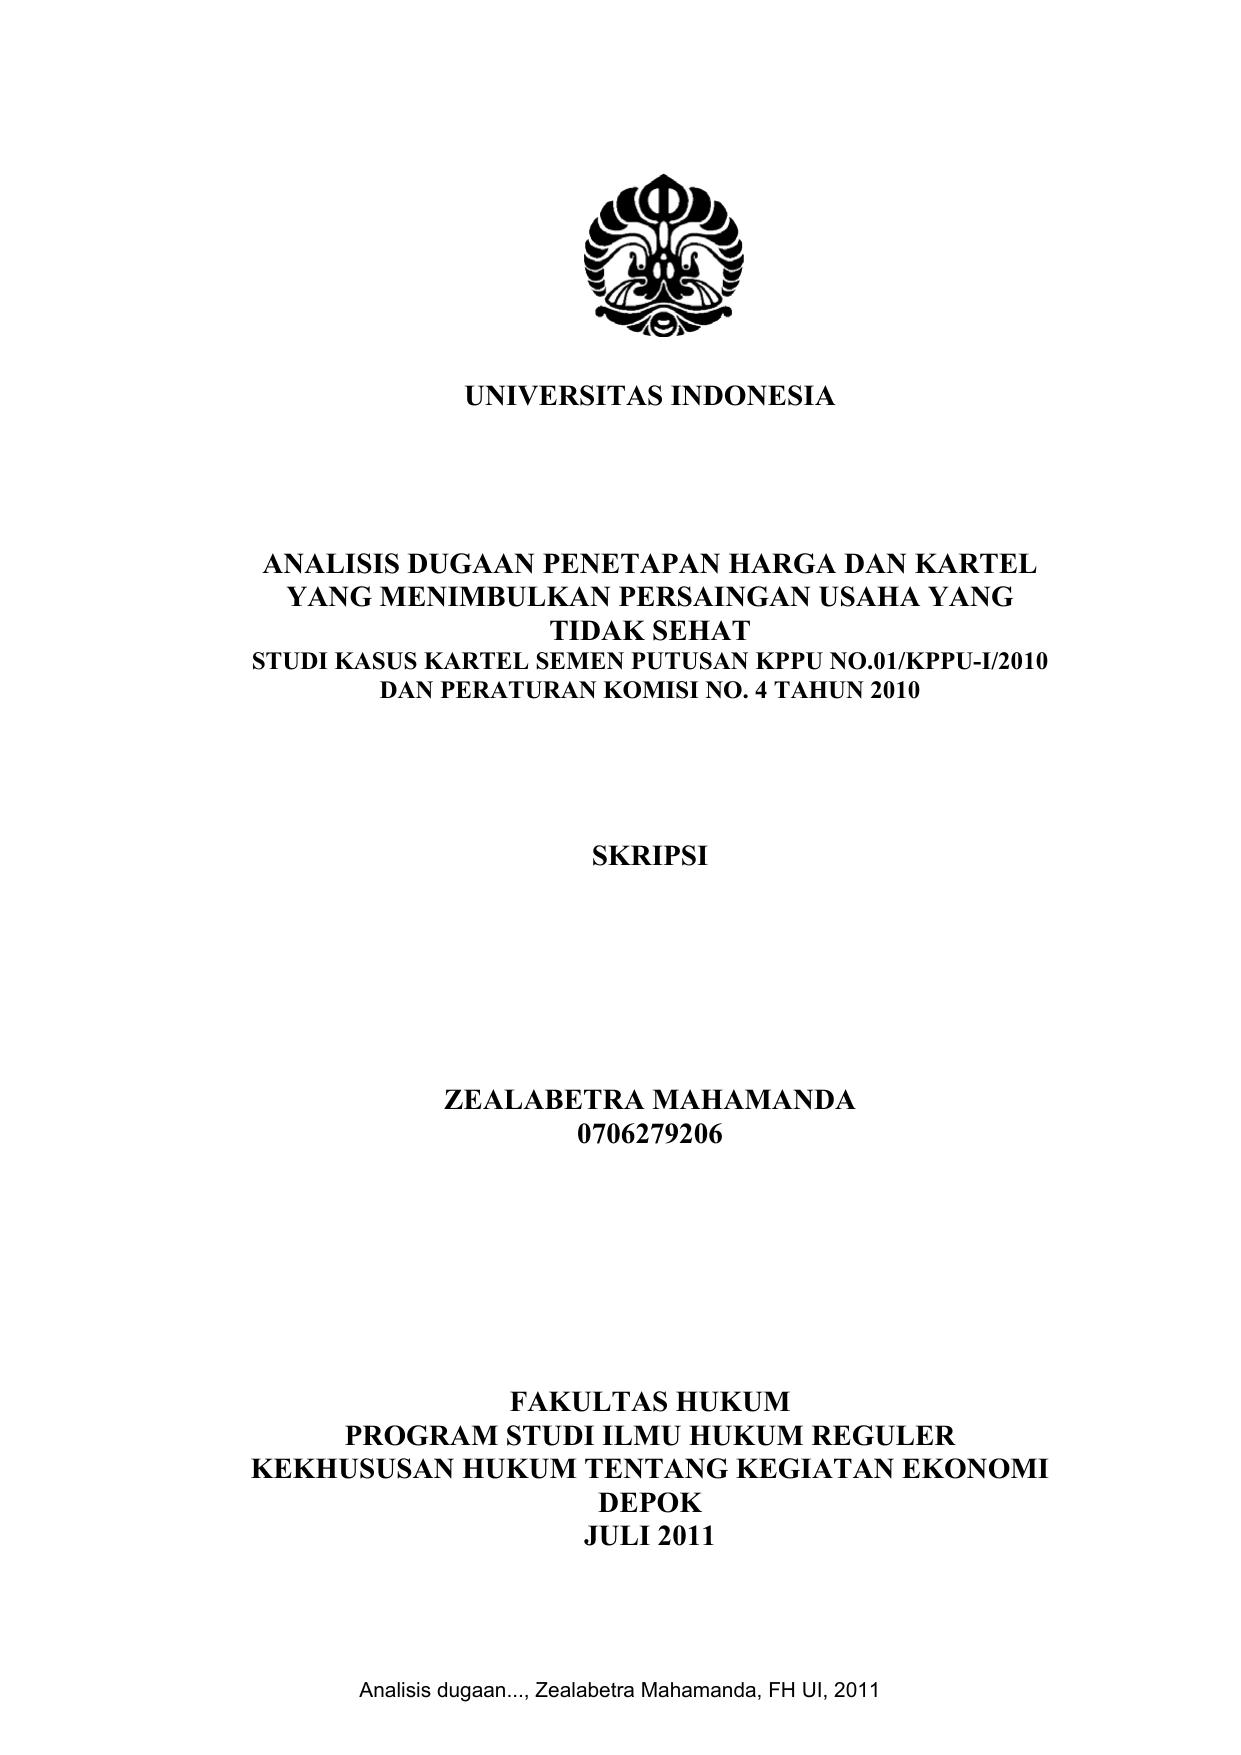 Universitas Indonesia Analisis Dugaan Penetapan Harga Dan Kartel